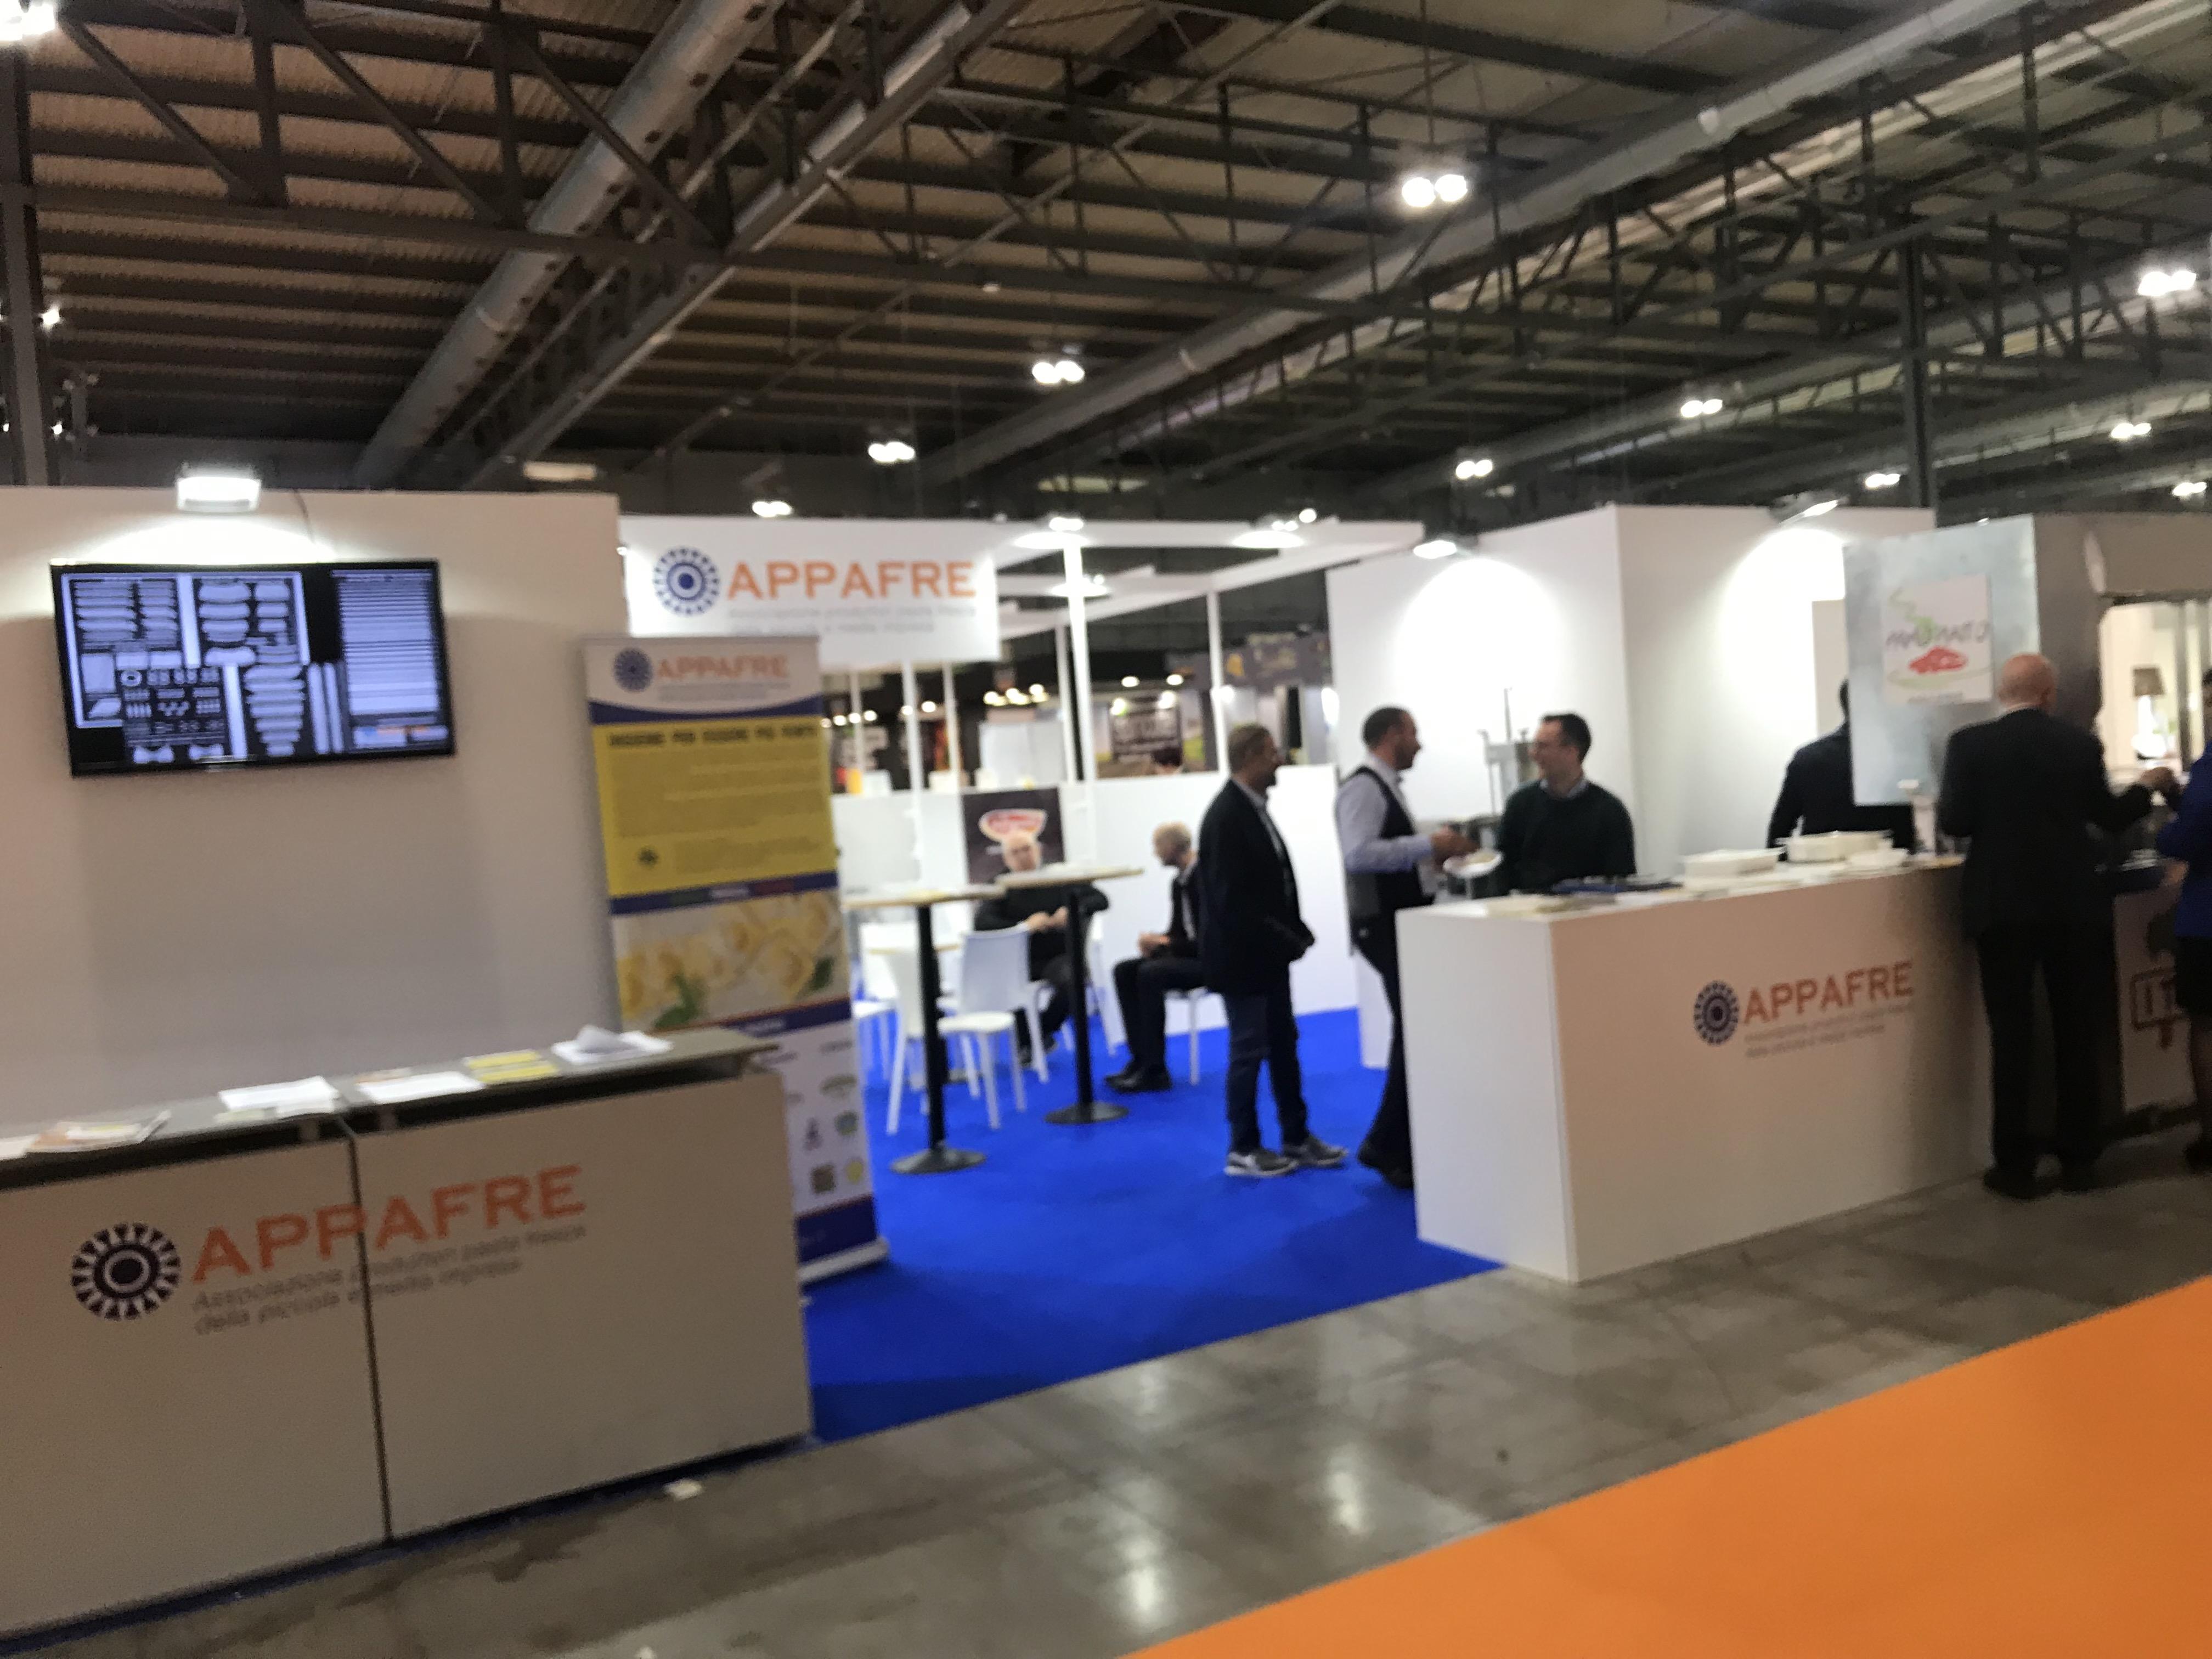 Innovazione di prodotto: dalla tradizione al mercato. Il convegno APPAFRE al Pastaria Festival 2019